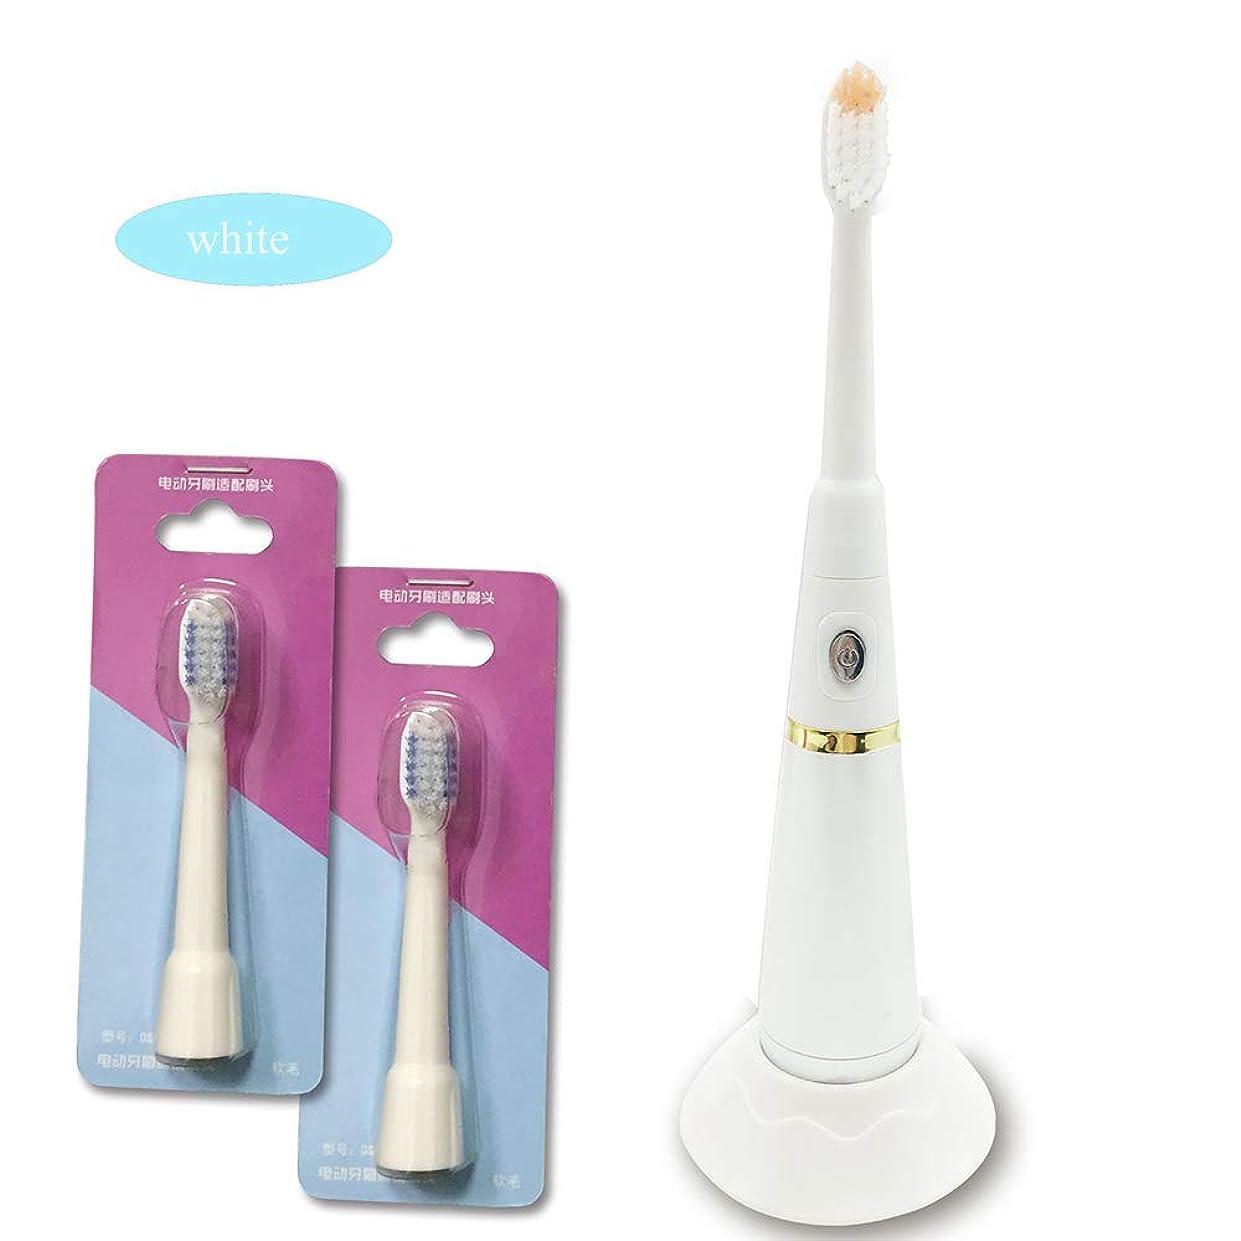 反対した食べる氏電動歯ブラシ充電式大人、自動タイマーと交換ブラシヘッドバッテリー付き防水電子歯ブラシ,White